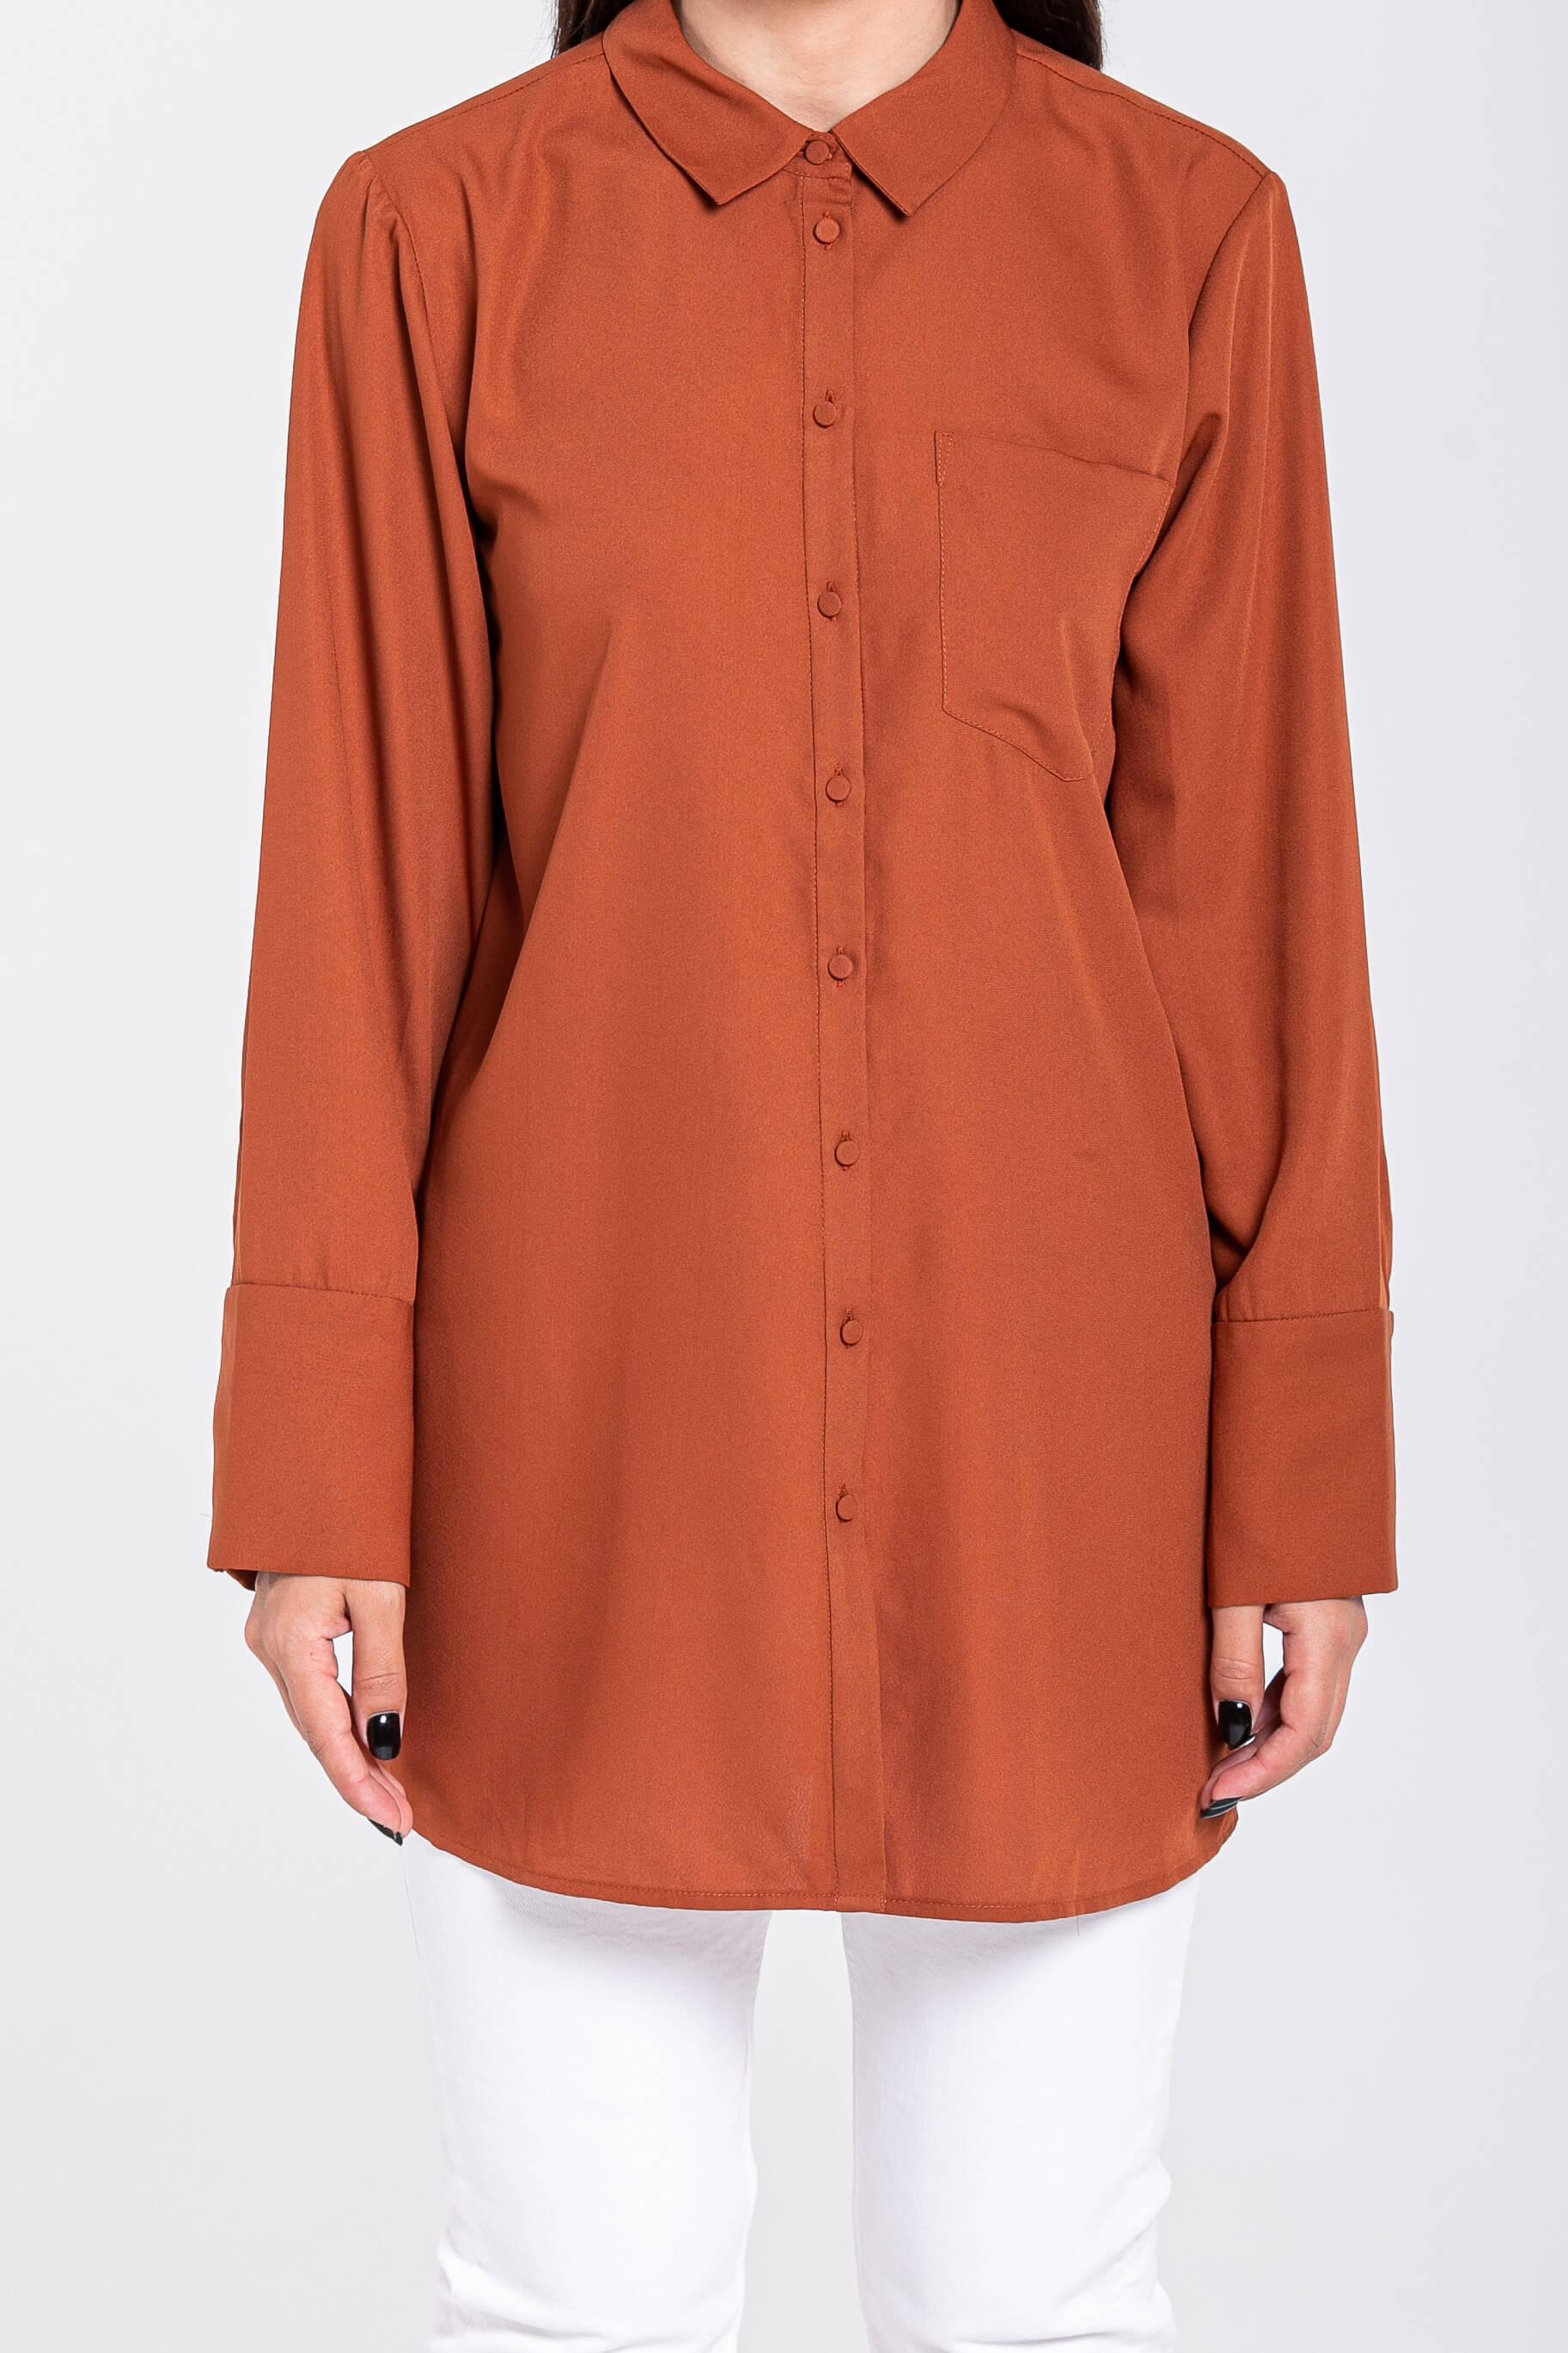 Рубашка Vero Moda Casual (1947) photo